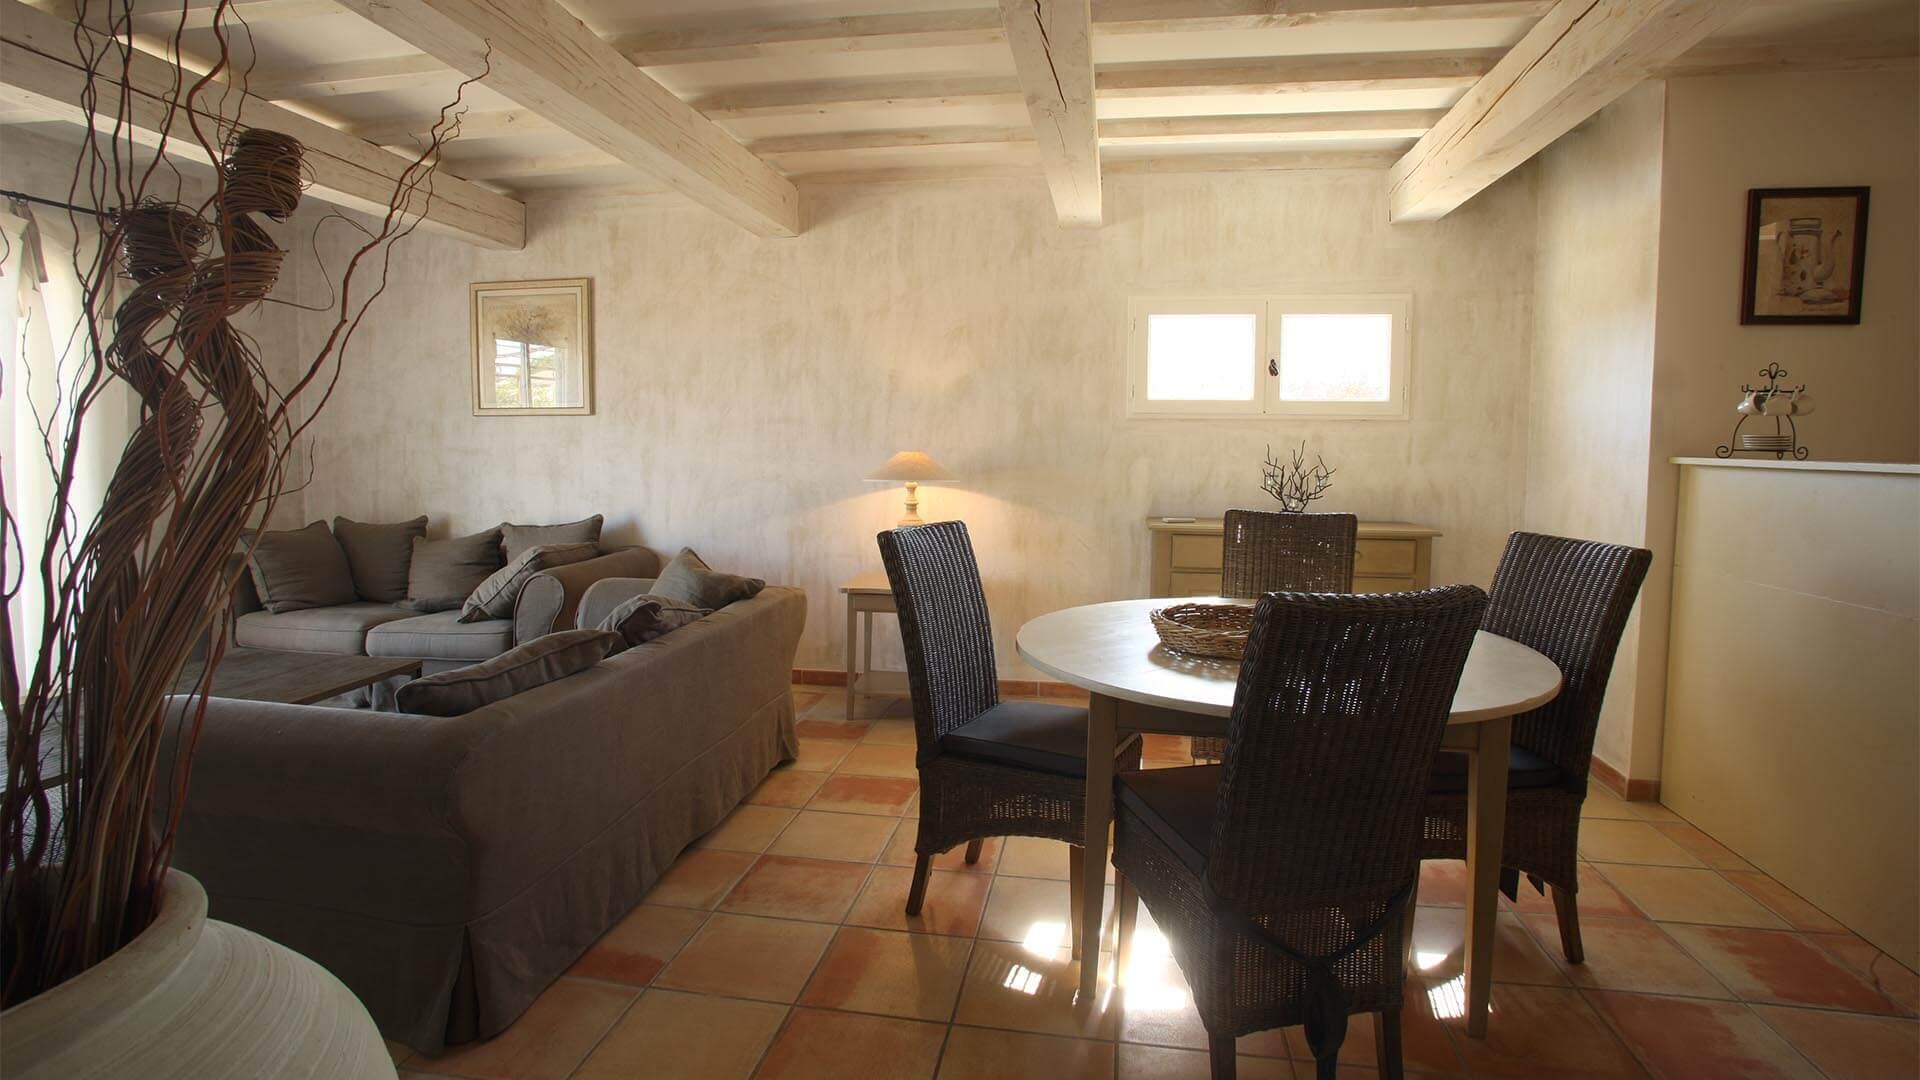 Villa à louer vacances Luberon | Villa terre d'orange | T3 avec salon climatisé